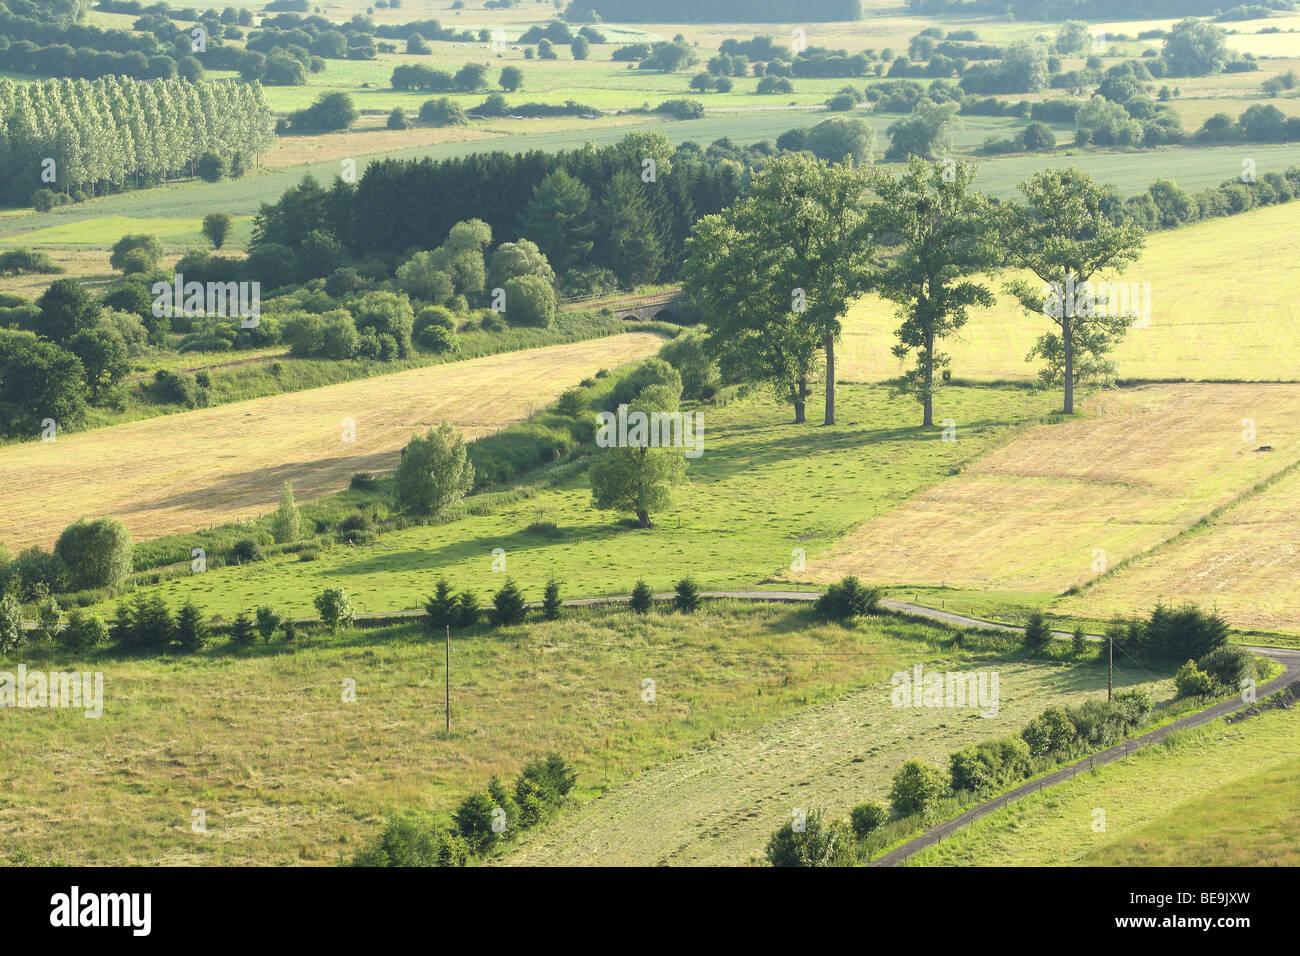 Bocagelandschap met hagen en bomen, Viroinvallei, Belgi Bocage landscape with hedges and trees, valley of Viroin, - Stock Image